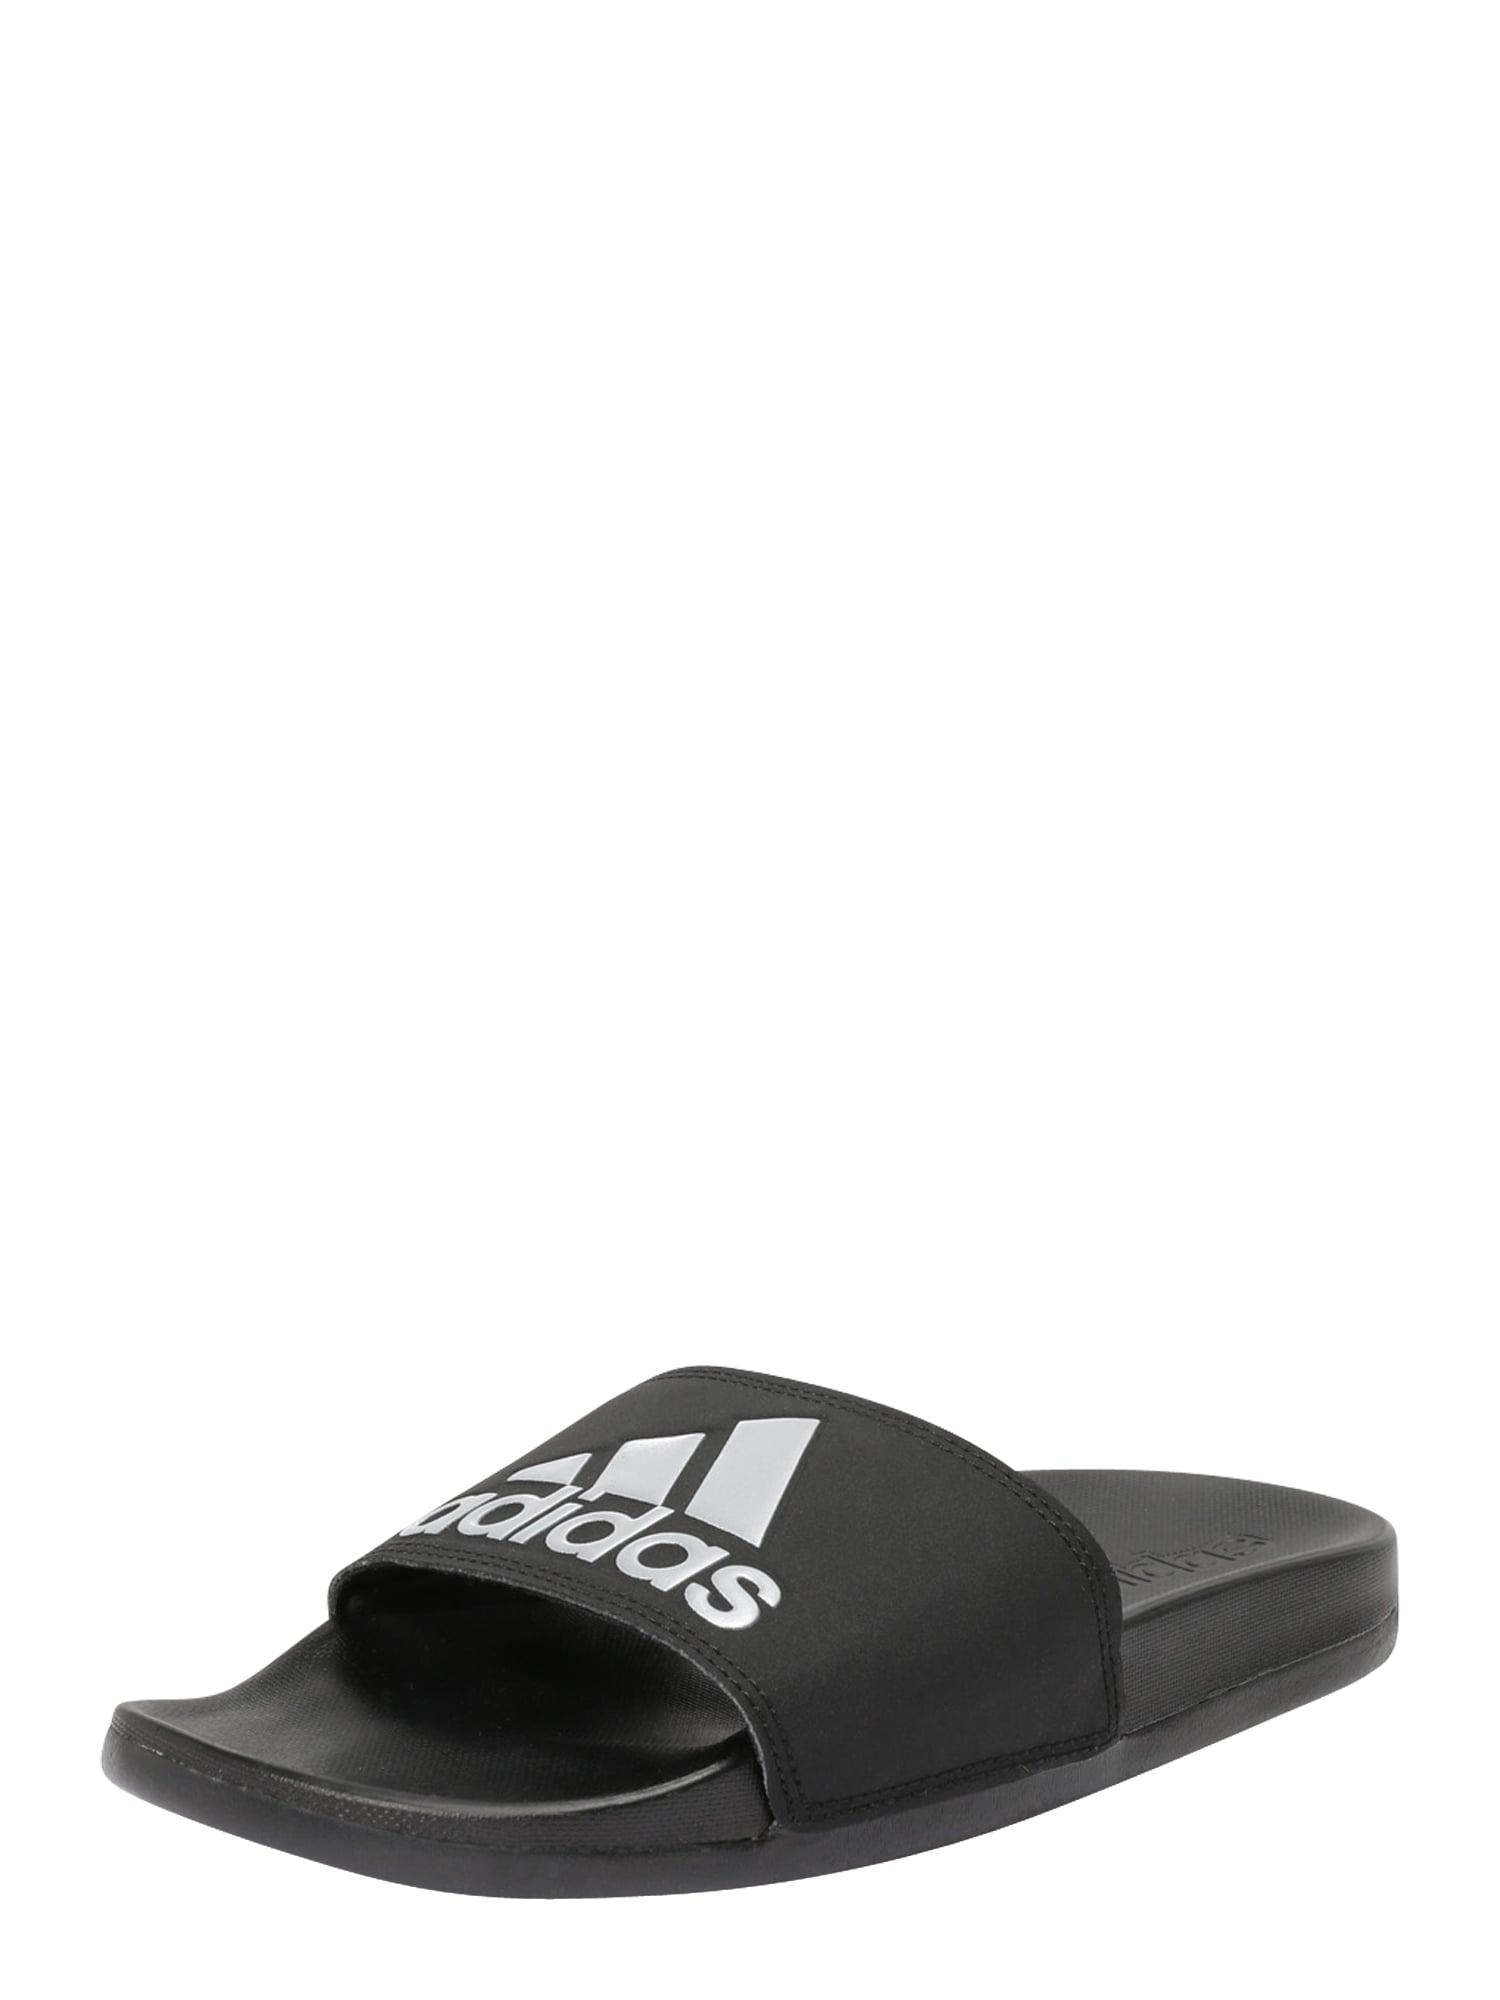 ADIDAS PERFORMANCE Sportiniai batai juoda / sidabrinė